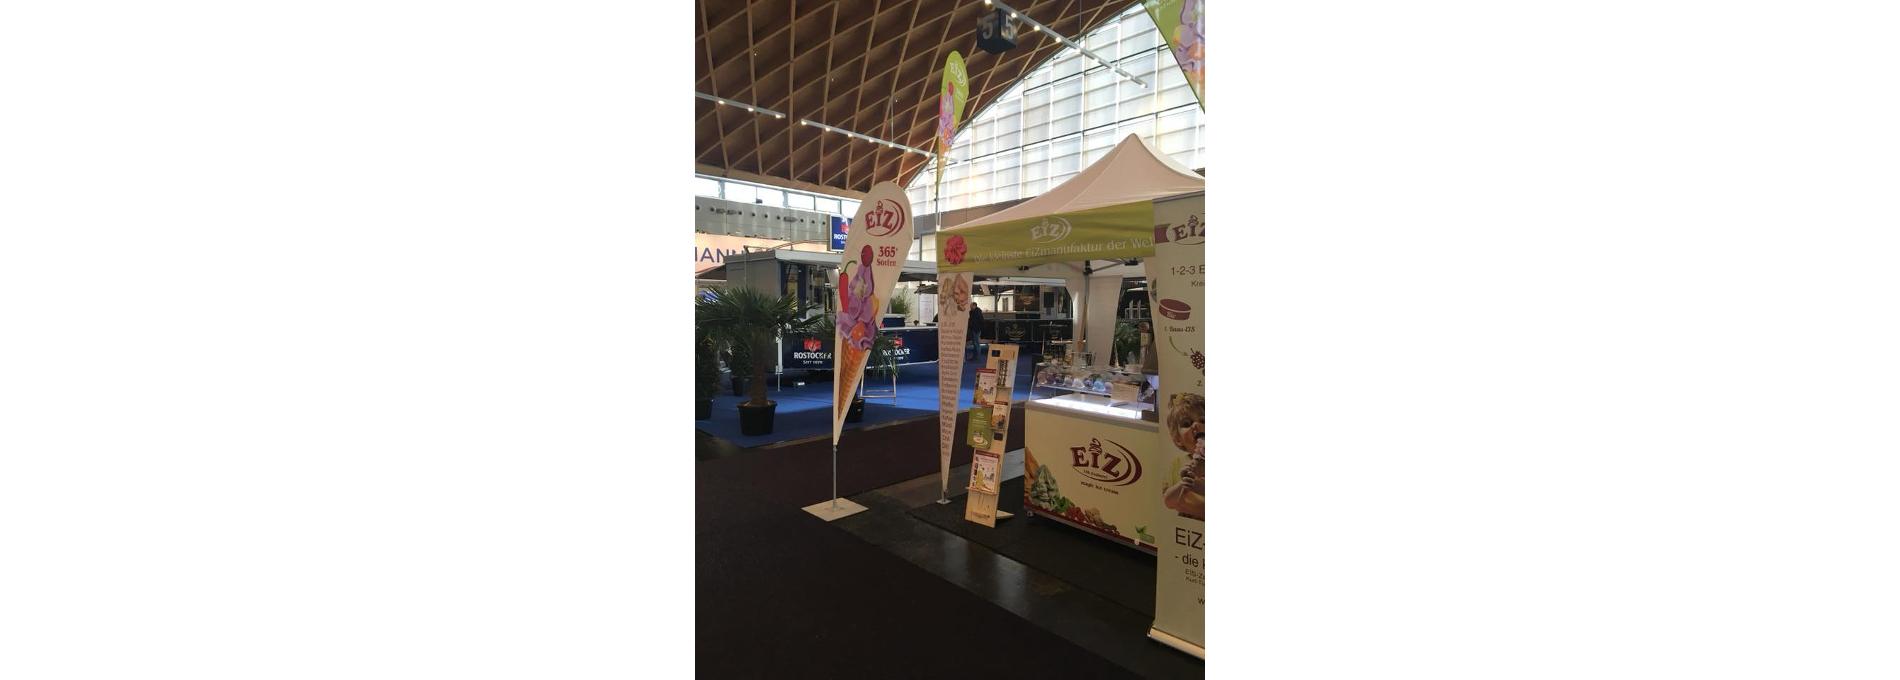 Bedruckter Faltpavillon der EIS-Zauberei auf der GastRo-Messe in Rostock